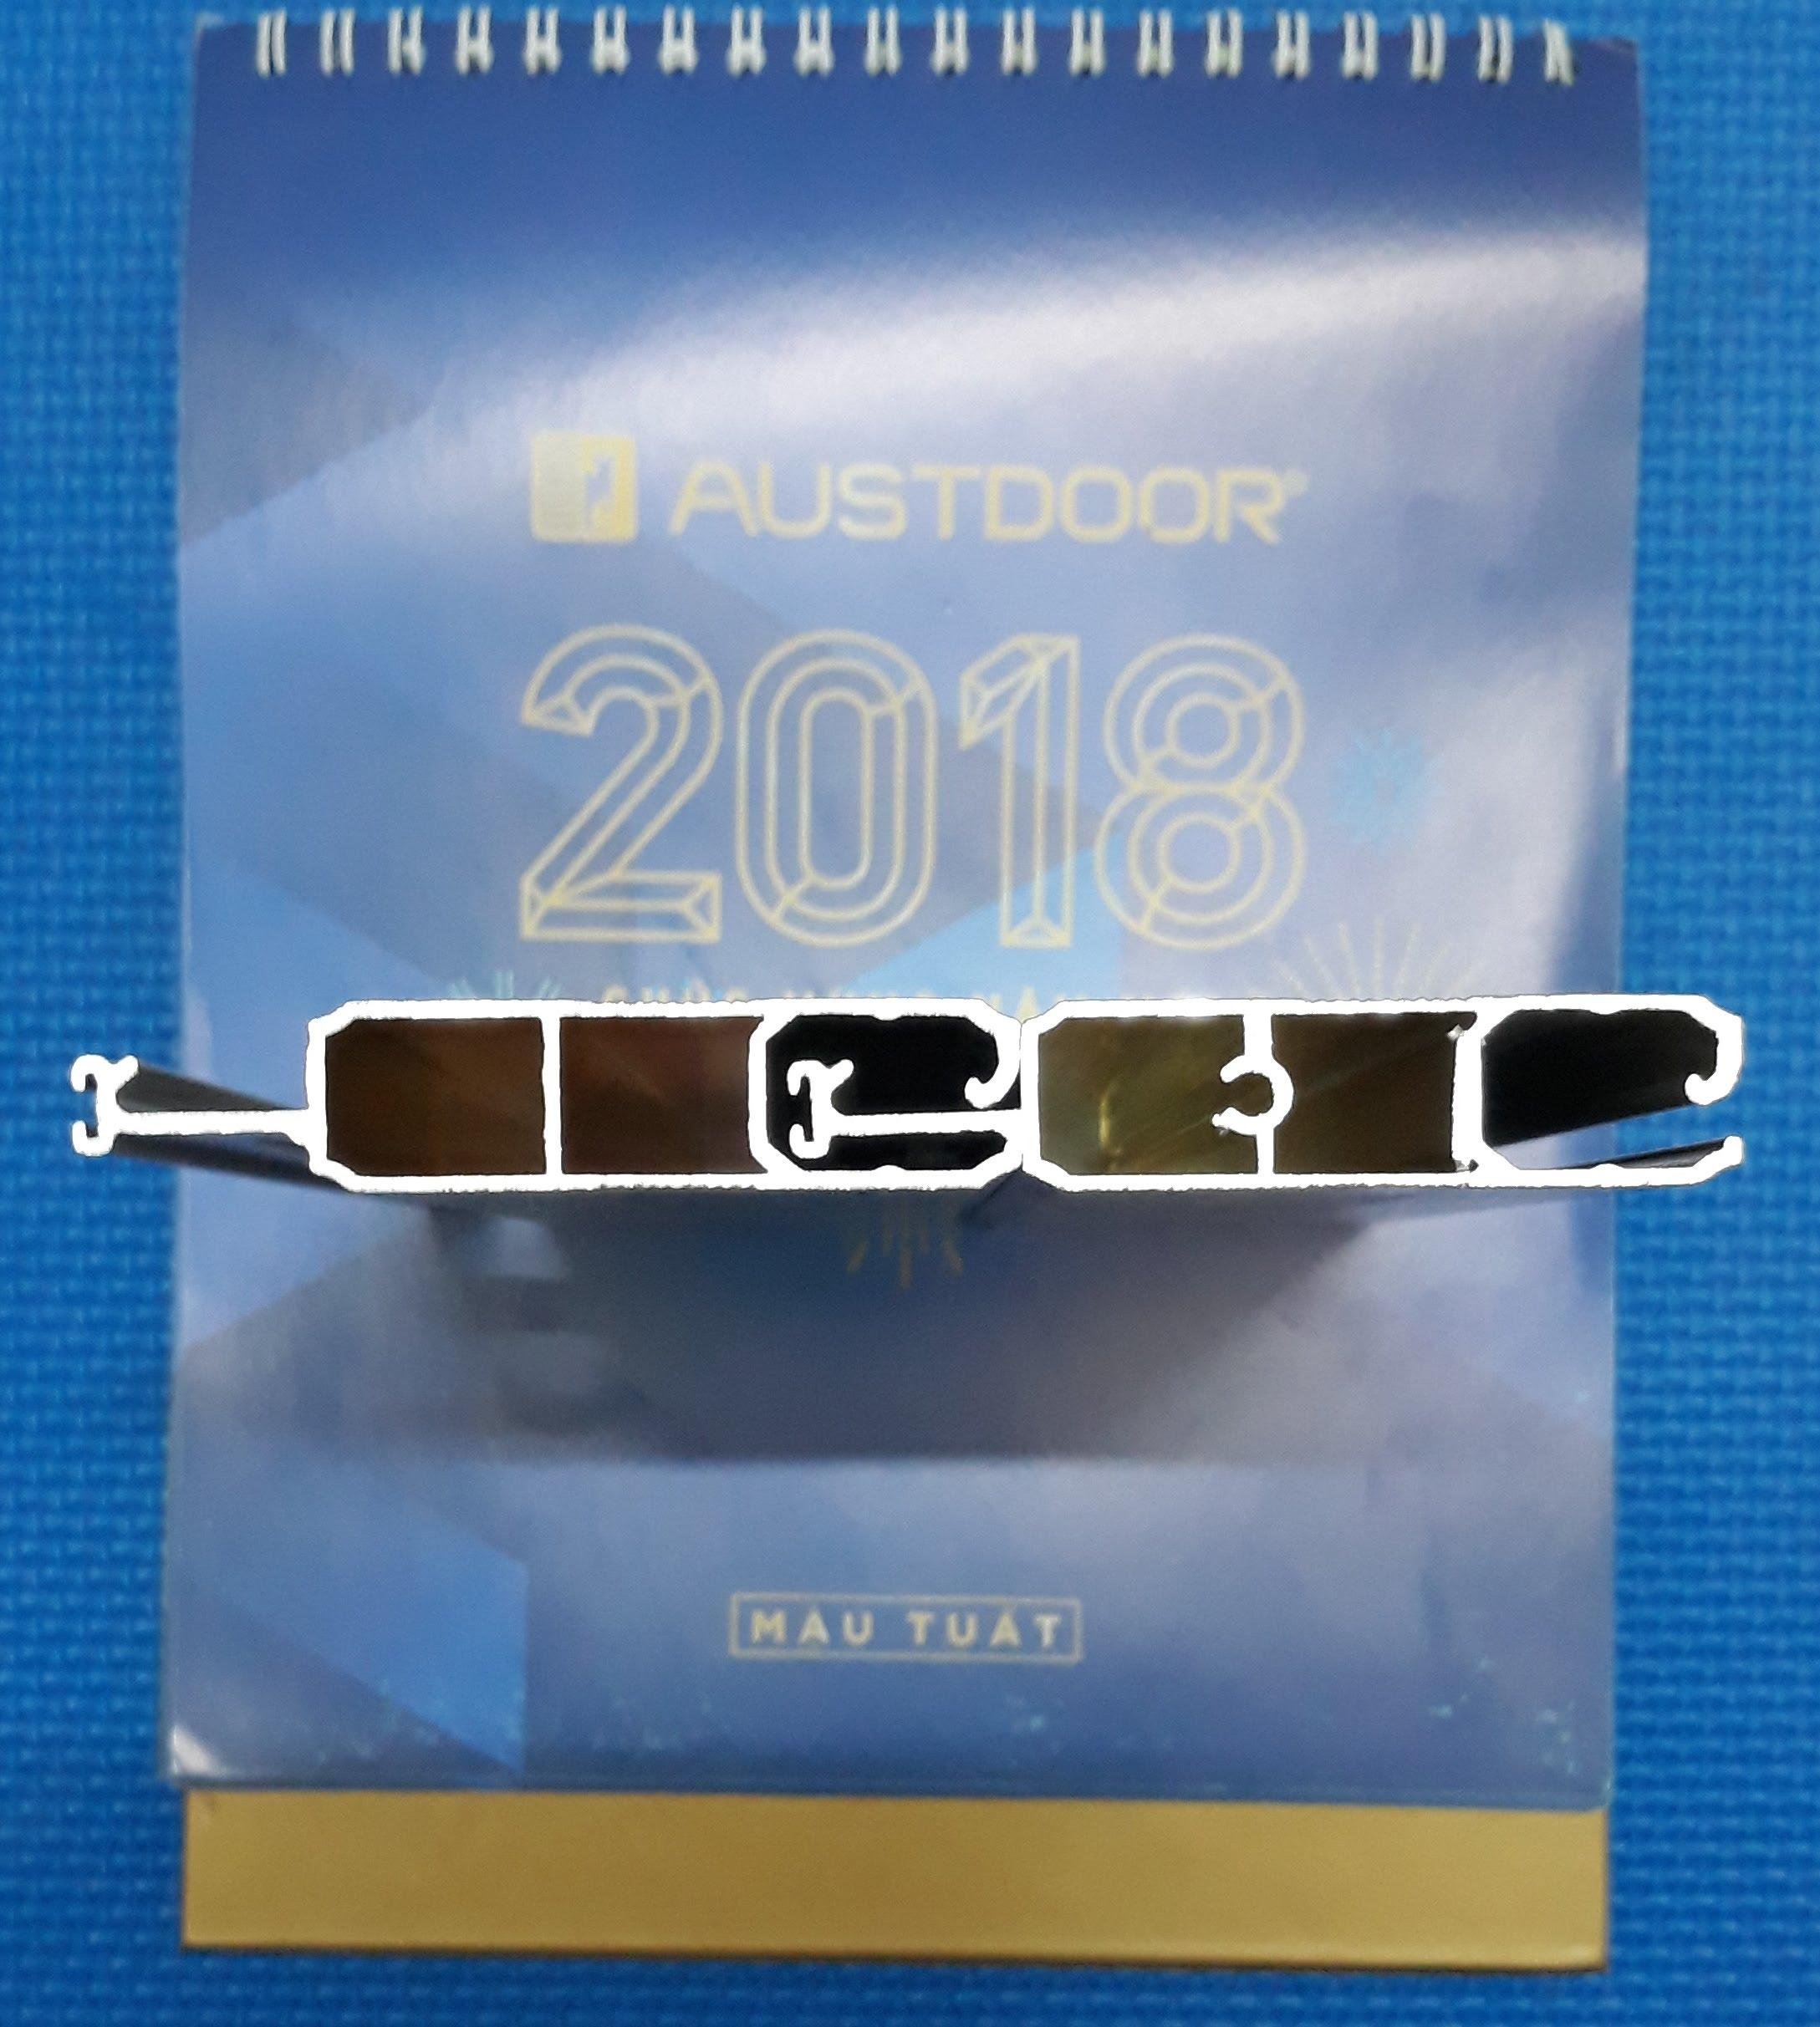 Thông Tin Cửa Cuốn - Báo Giá Cửa Cuốn Austdoor Mới Nhất 2019